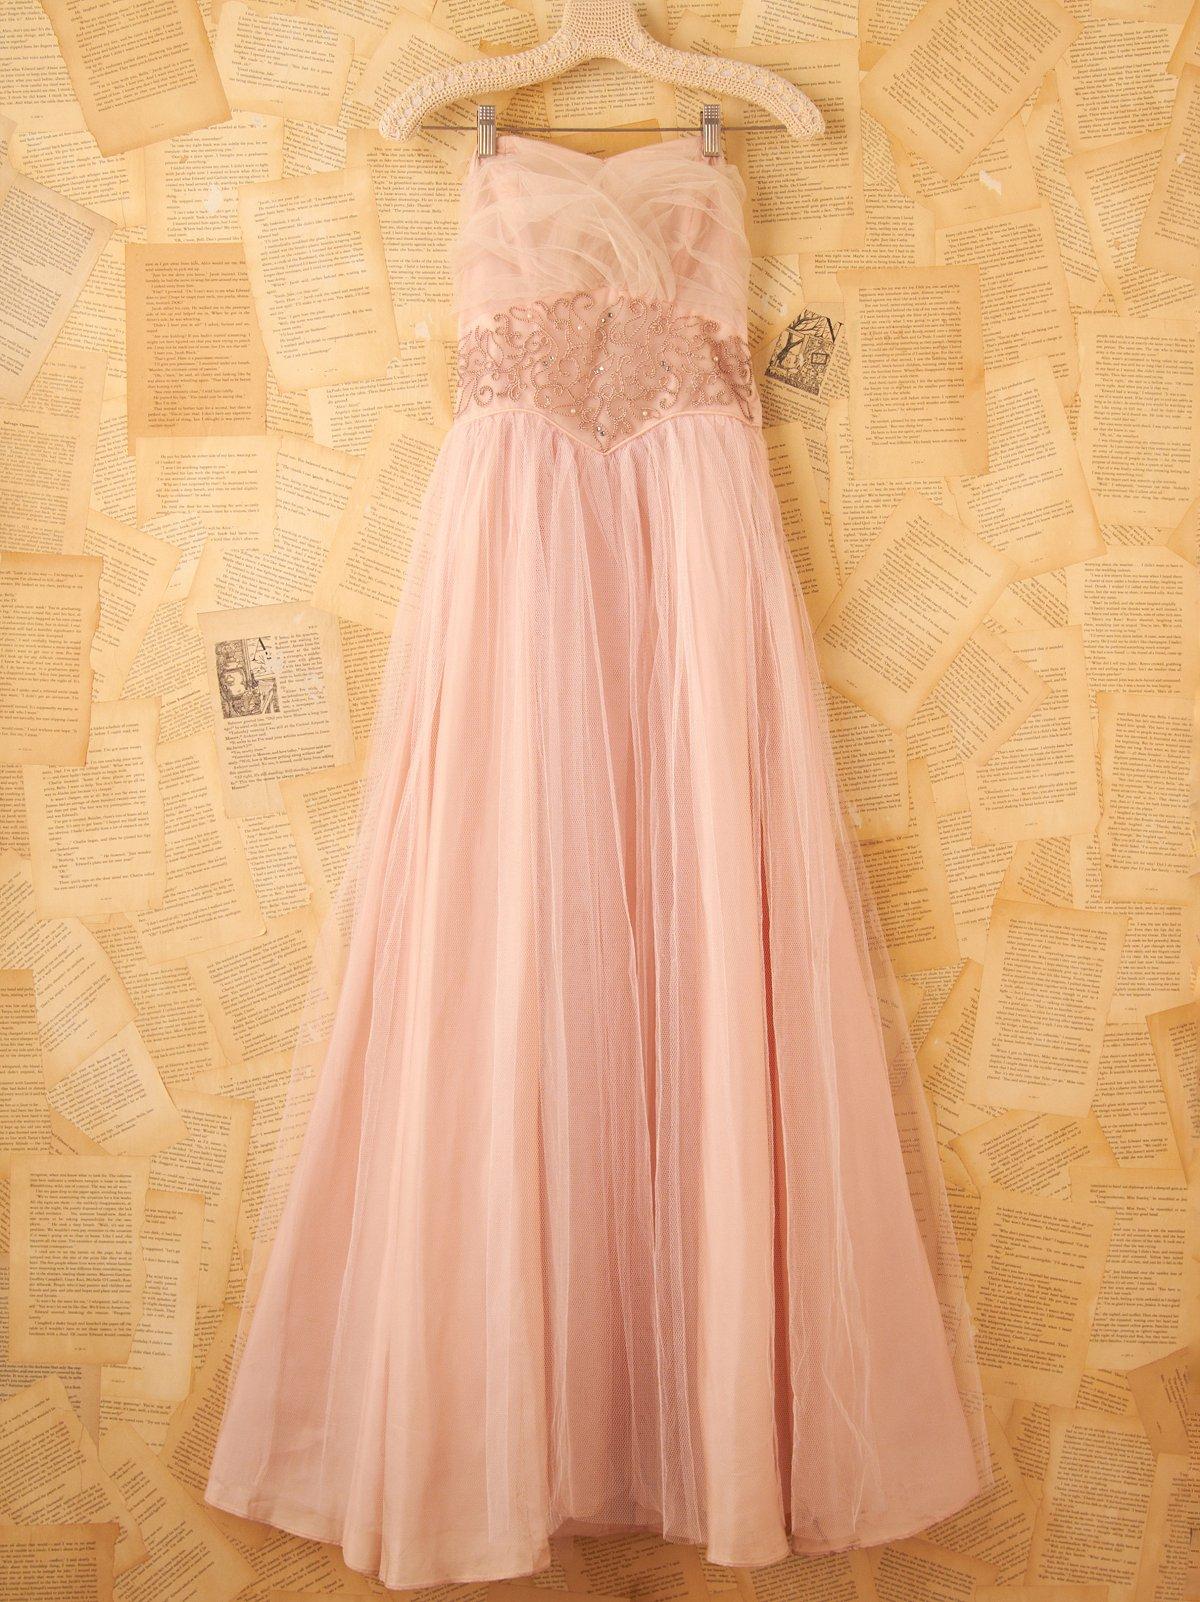 Vintage 1930s Princess Gown